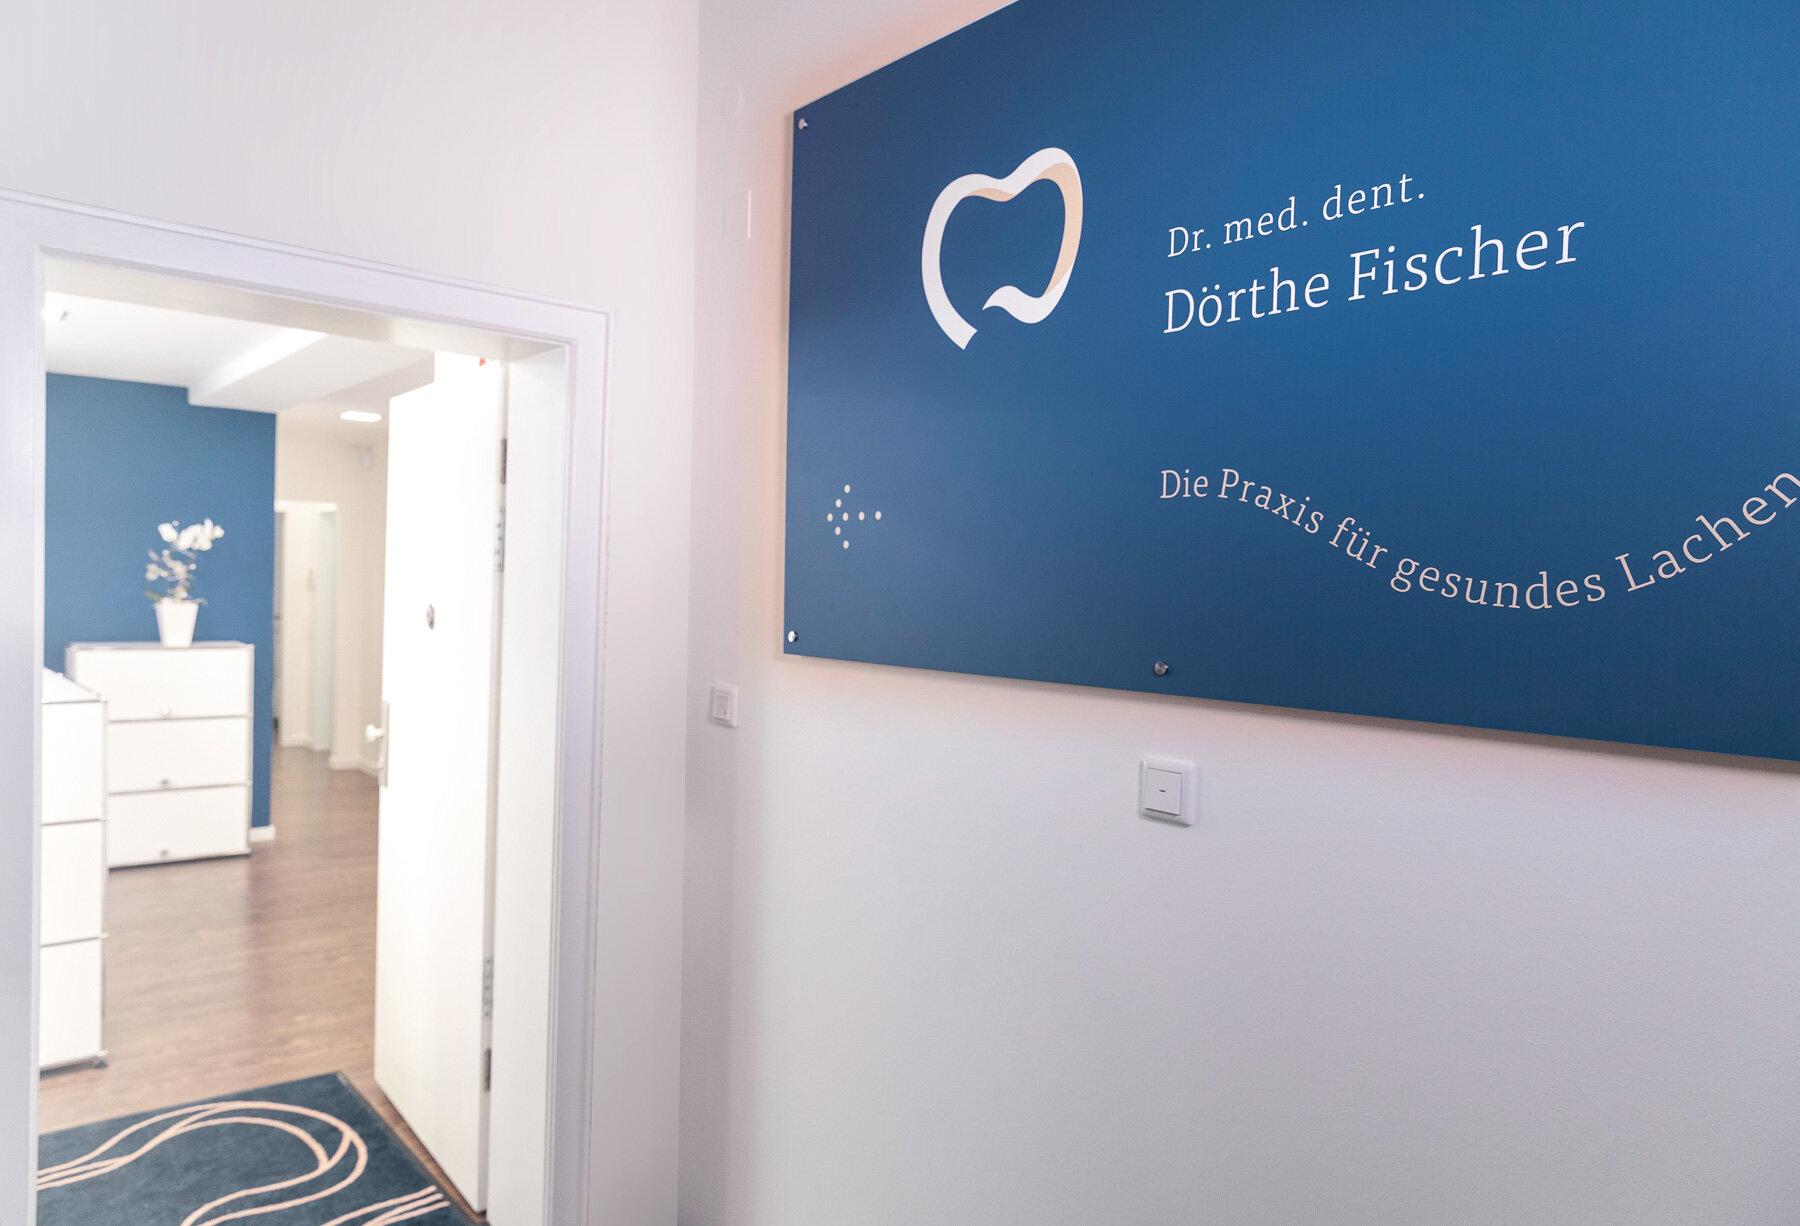 Zahnarzt-Praxis-Doerthe-Fischer-Wuerzburg-modern-identity-design-innenstadt-gehoben-1036-4.jpg